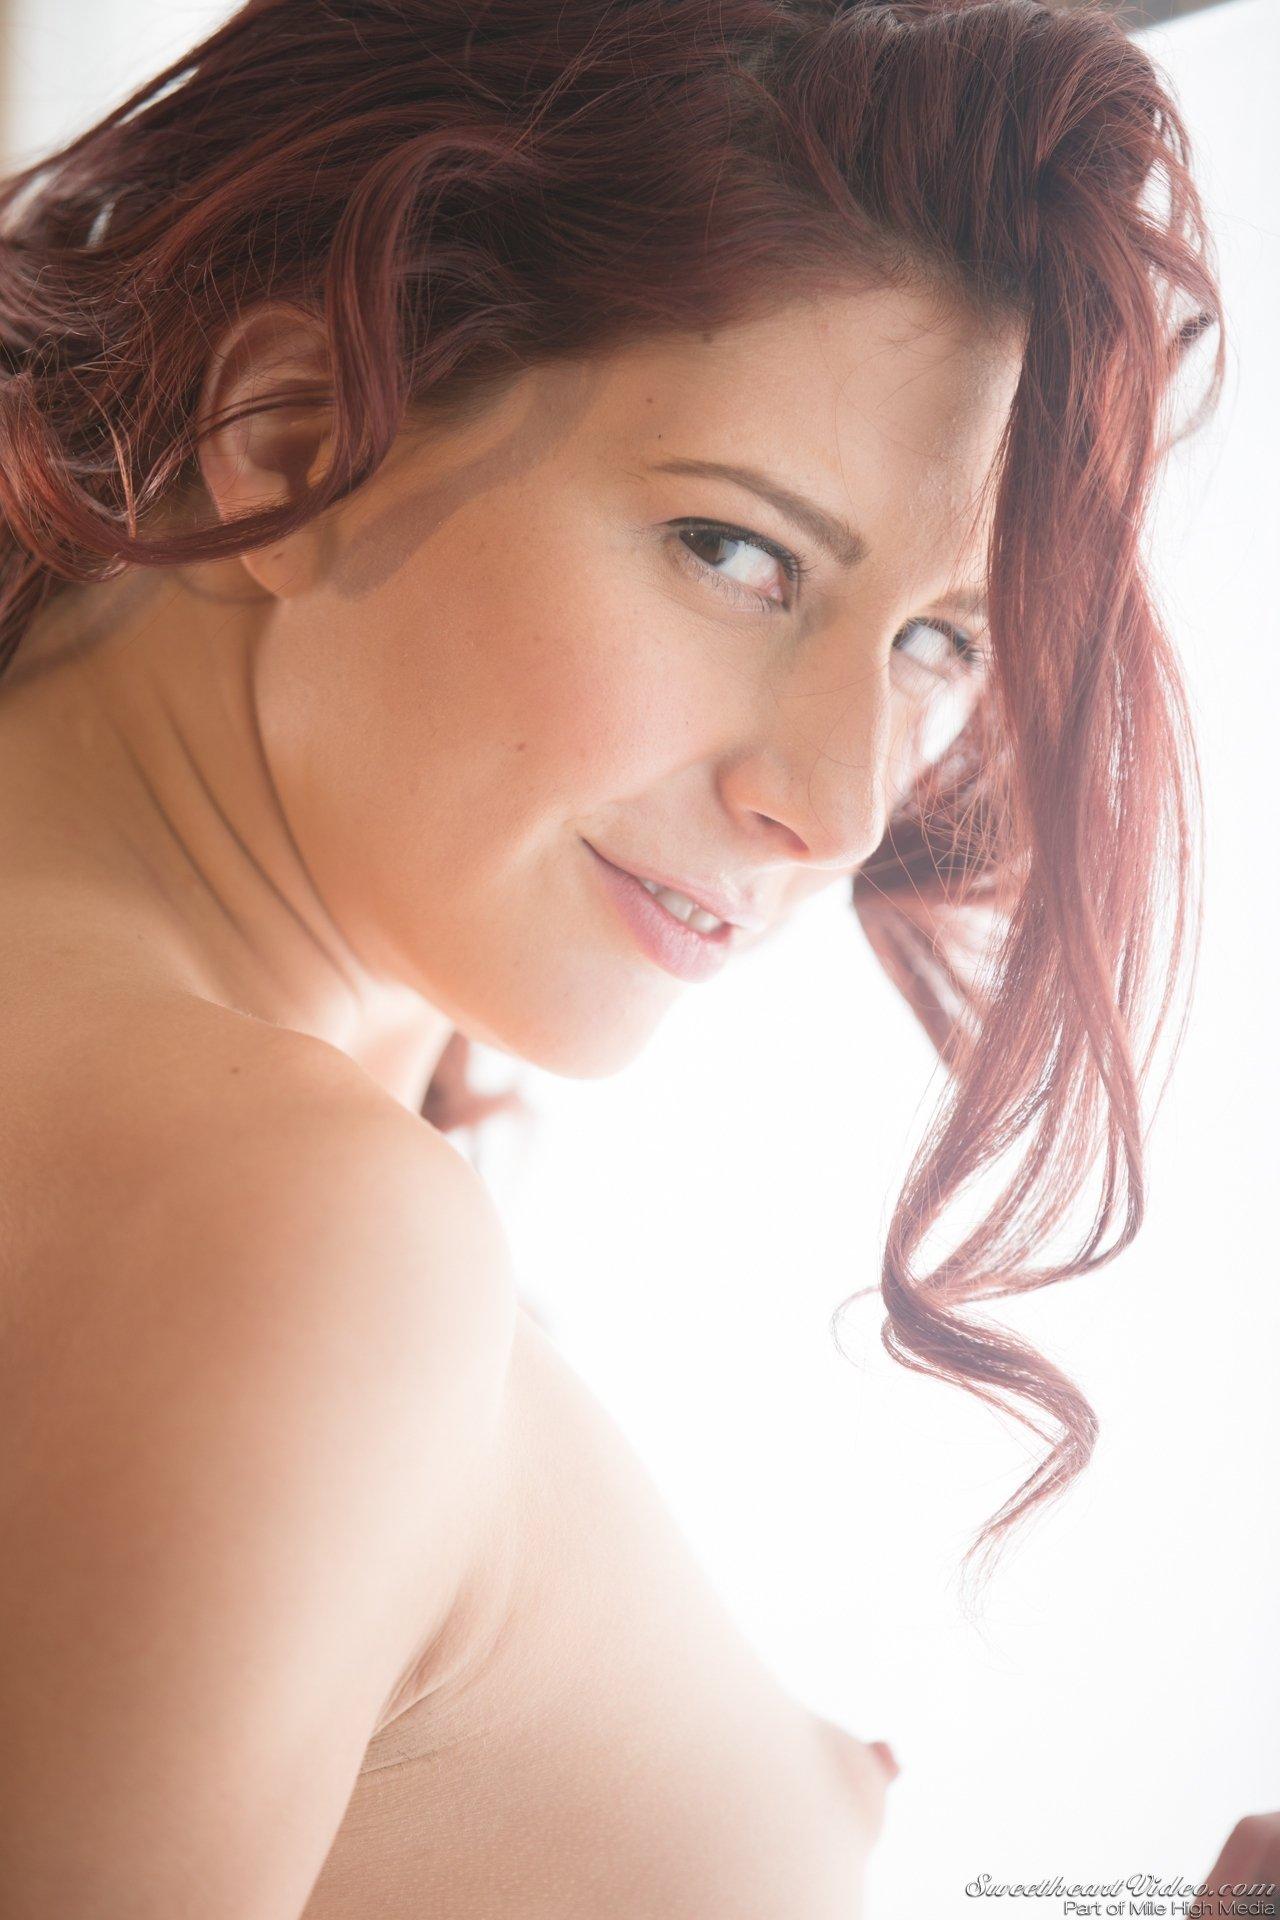 Милфа - Порно фото галерея 1085306